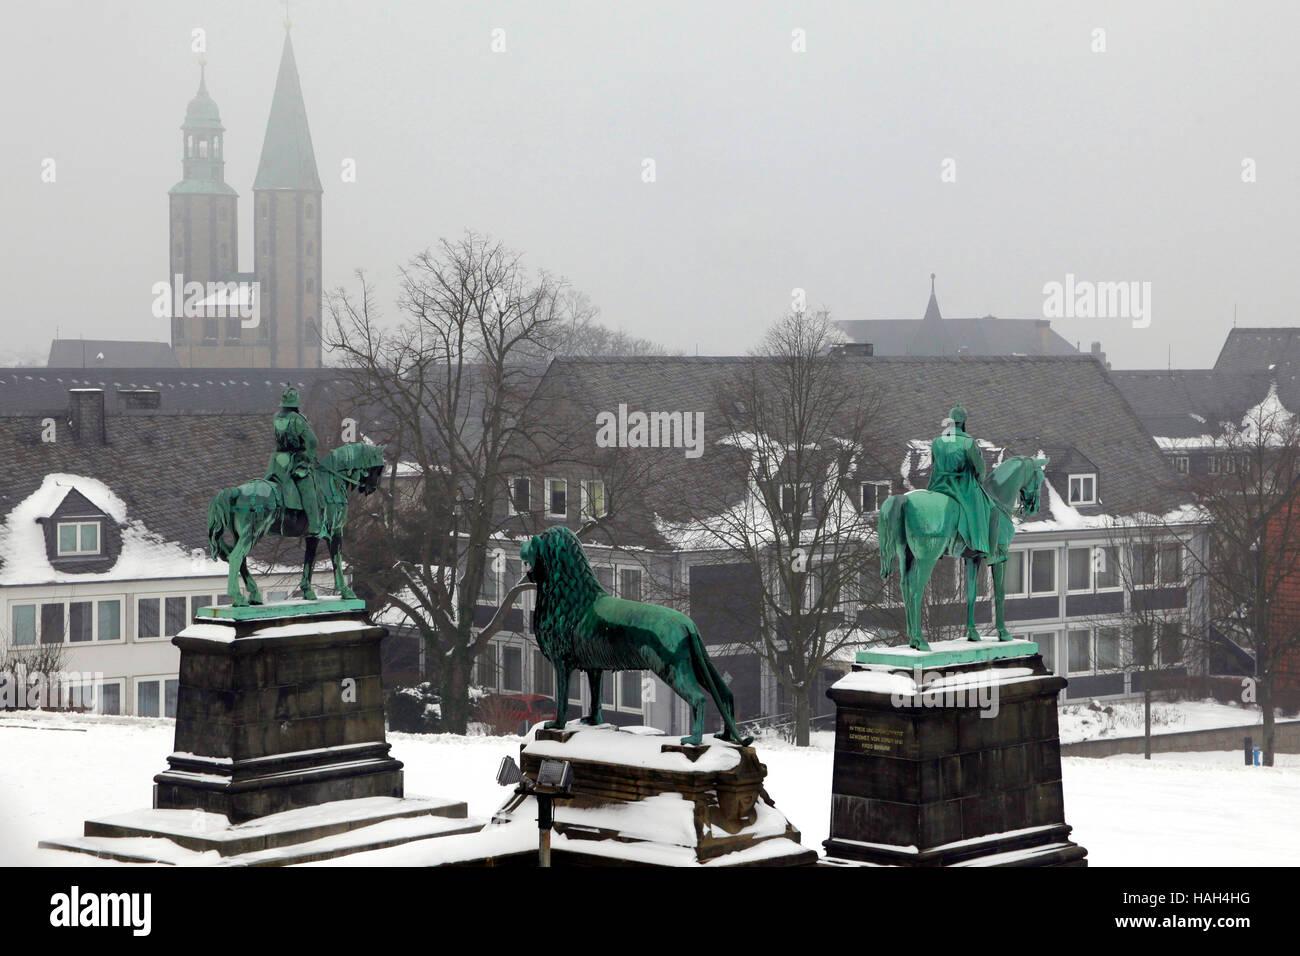 Goslar, Kaiserpfalz imperial palace. Lower Saxony, Germany. Bronze statues of Wilhelm der Grosse, Friedrich I Barbarossa - Stock Image